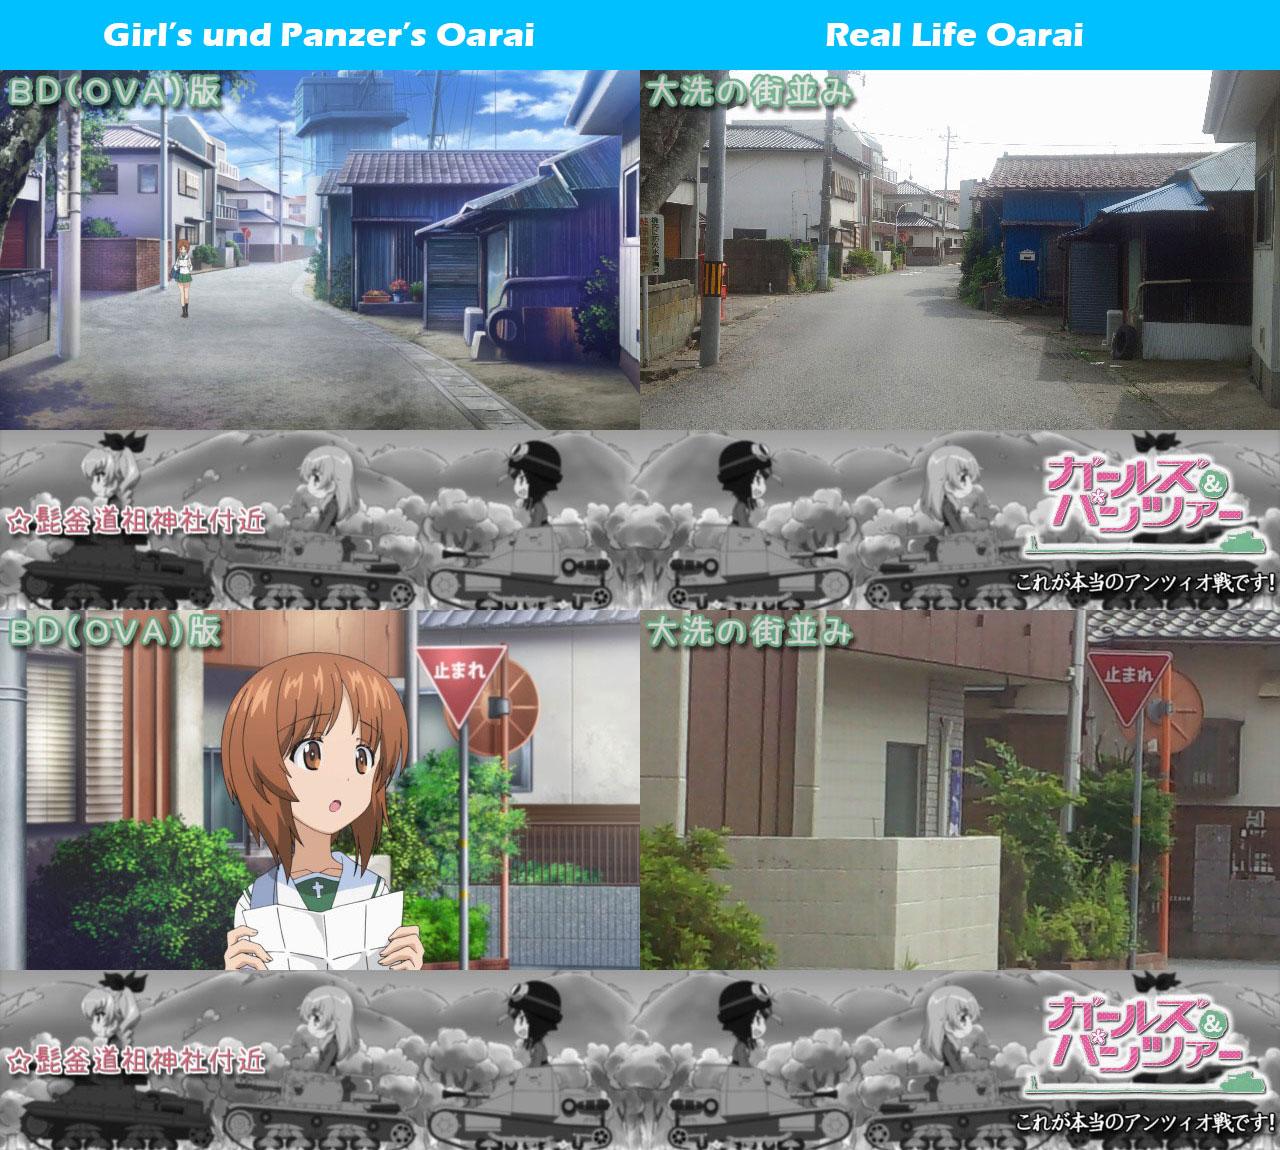 Girls-Und-Panzer-Kore-Ga-Hontou-No-Anzio-Sen-Desu-Real-Life-Comparison-Oarai_Haruhichan.com